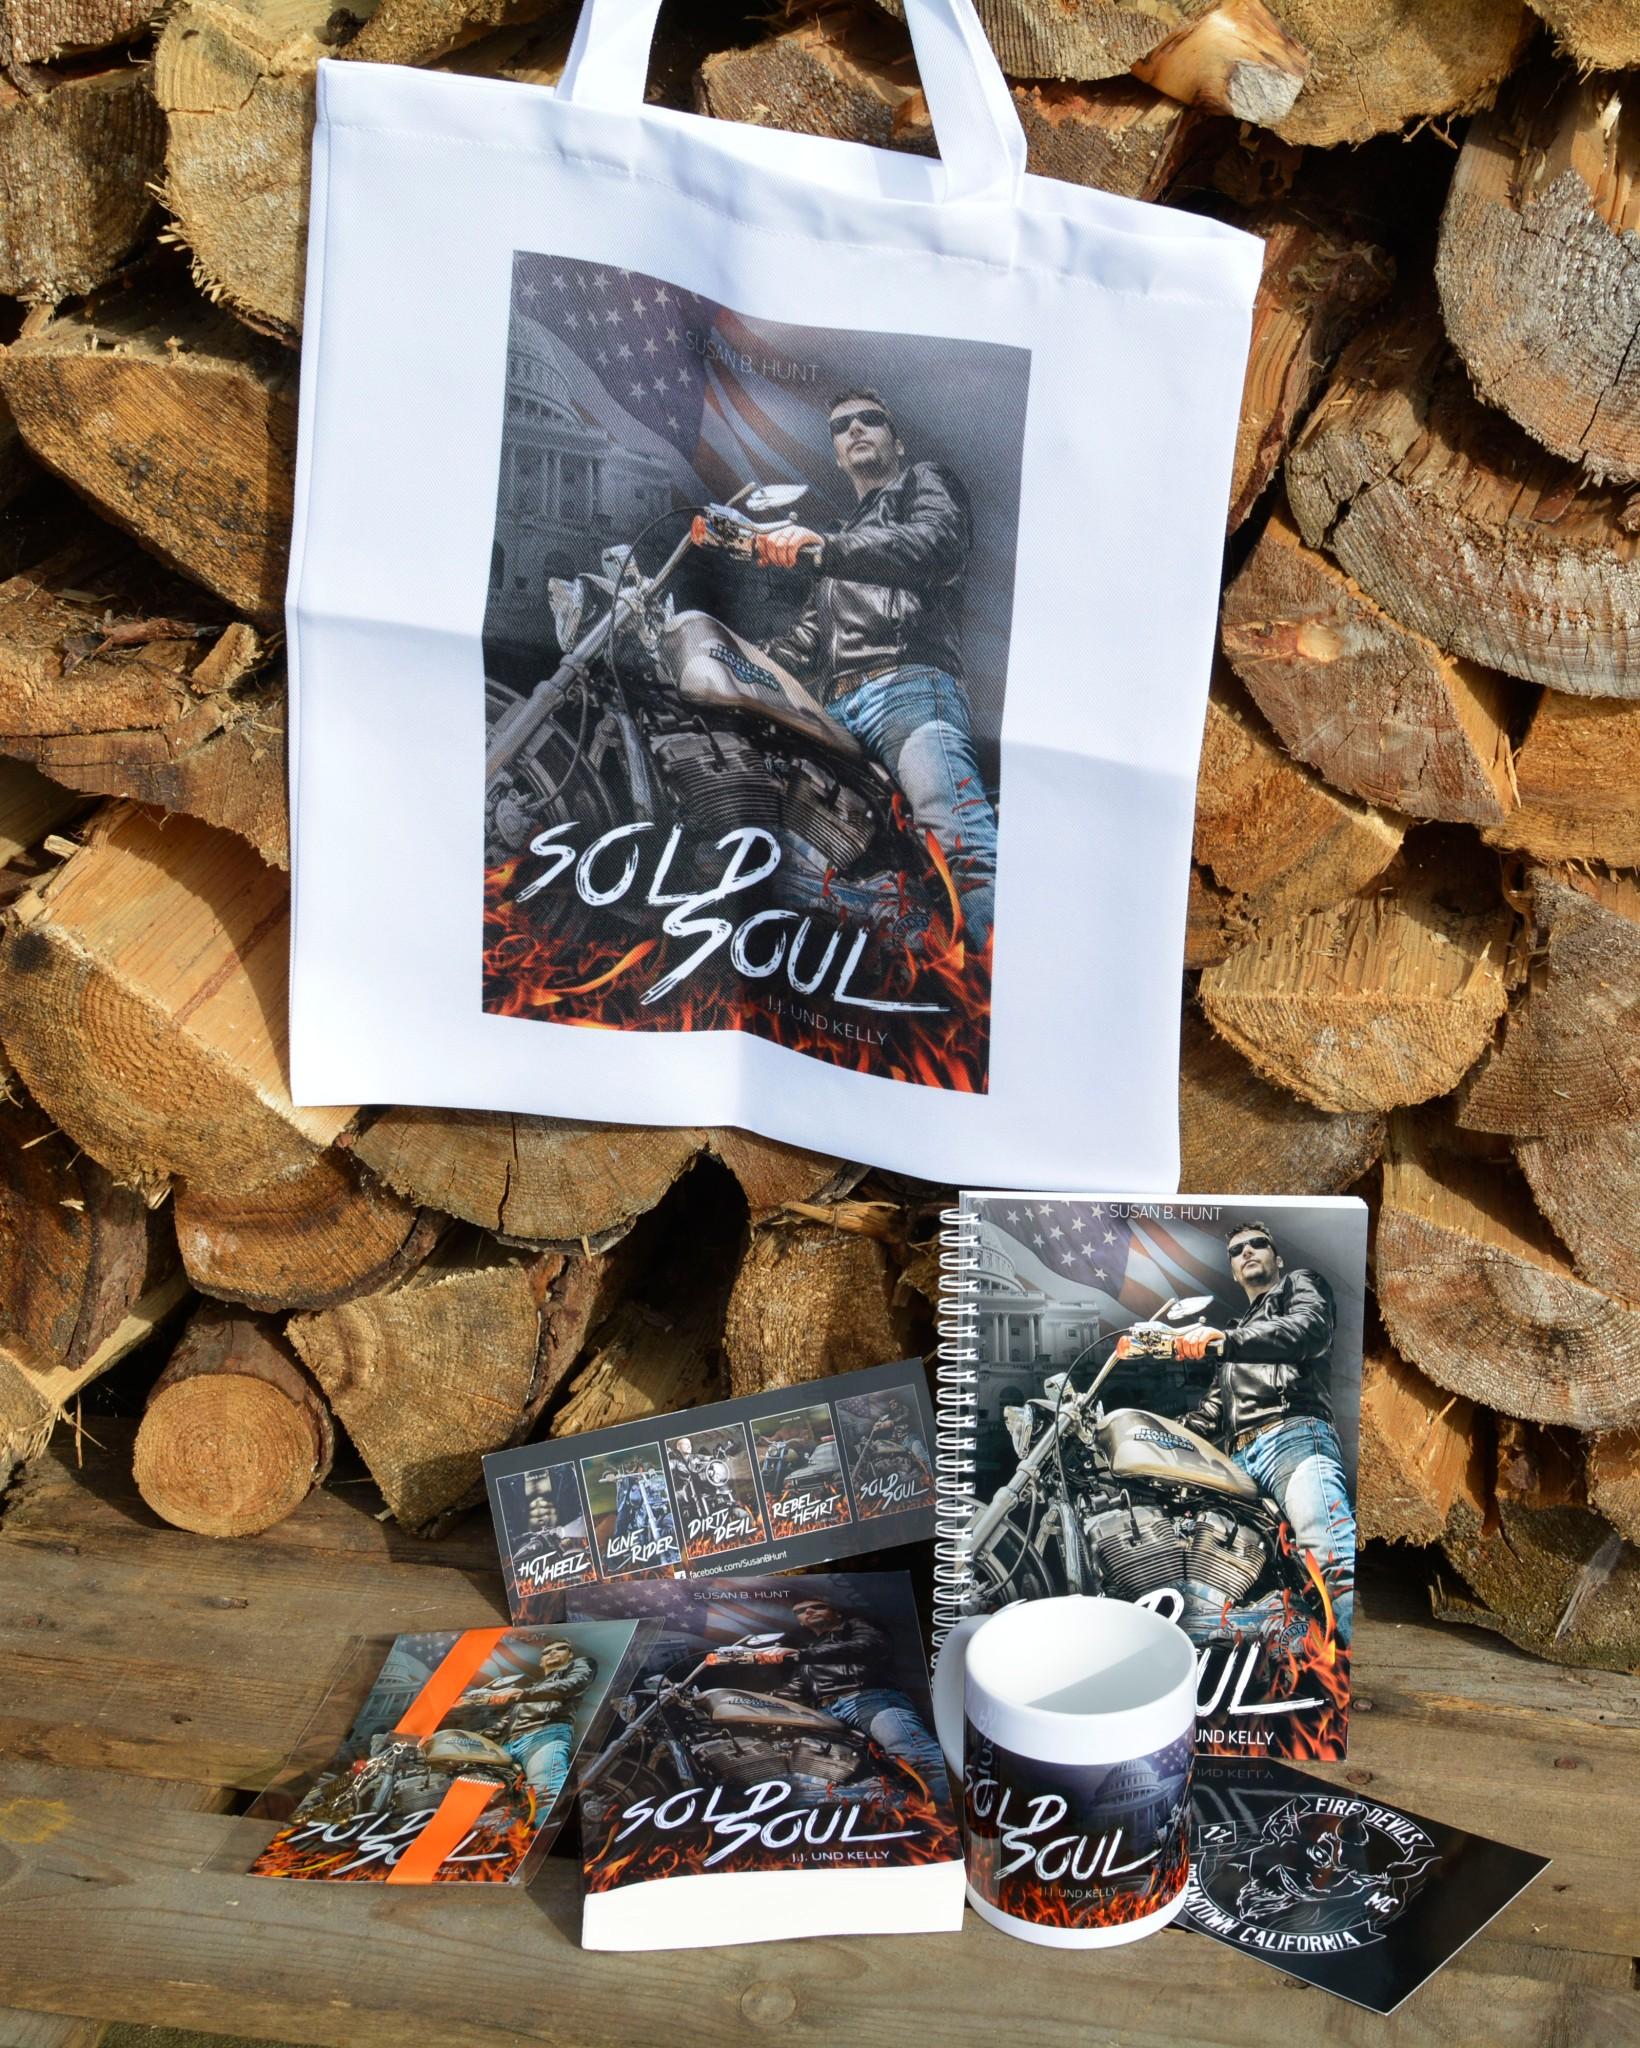 Gewinnspiel_sold Soul_1